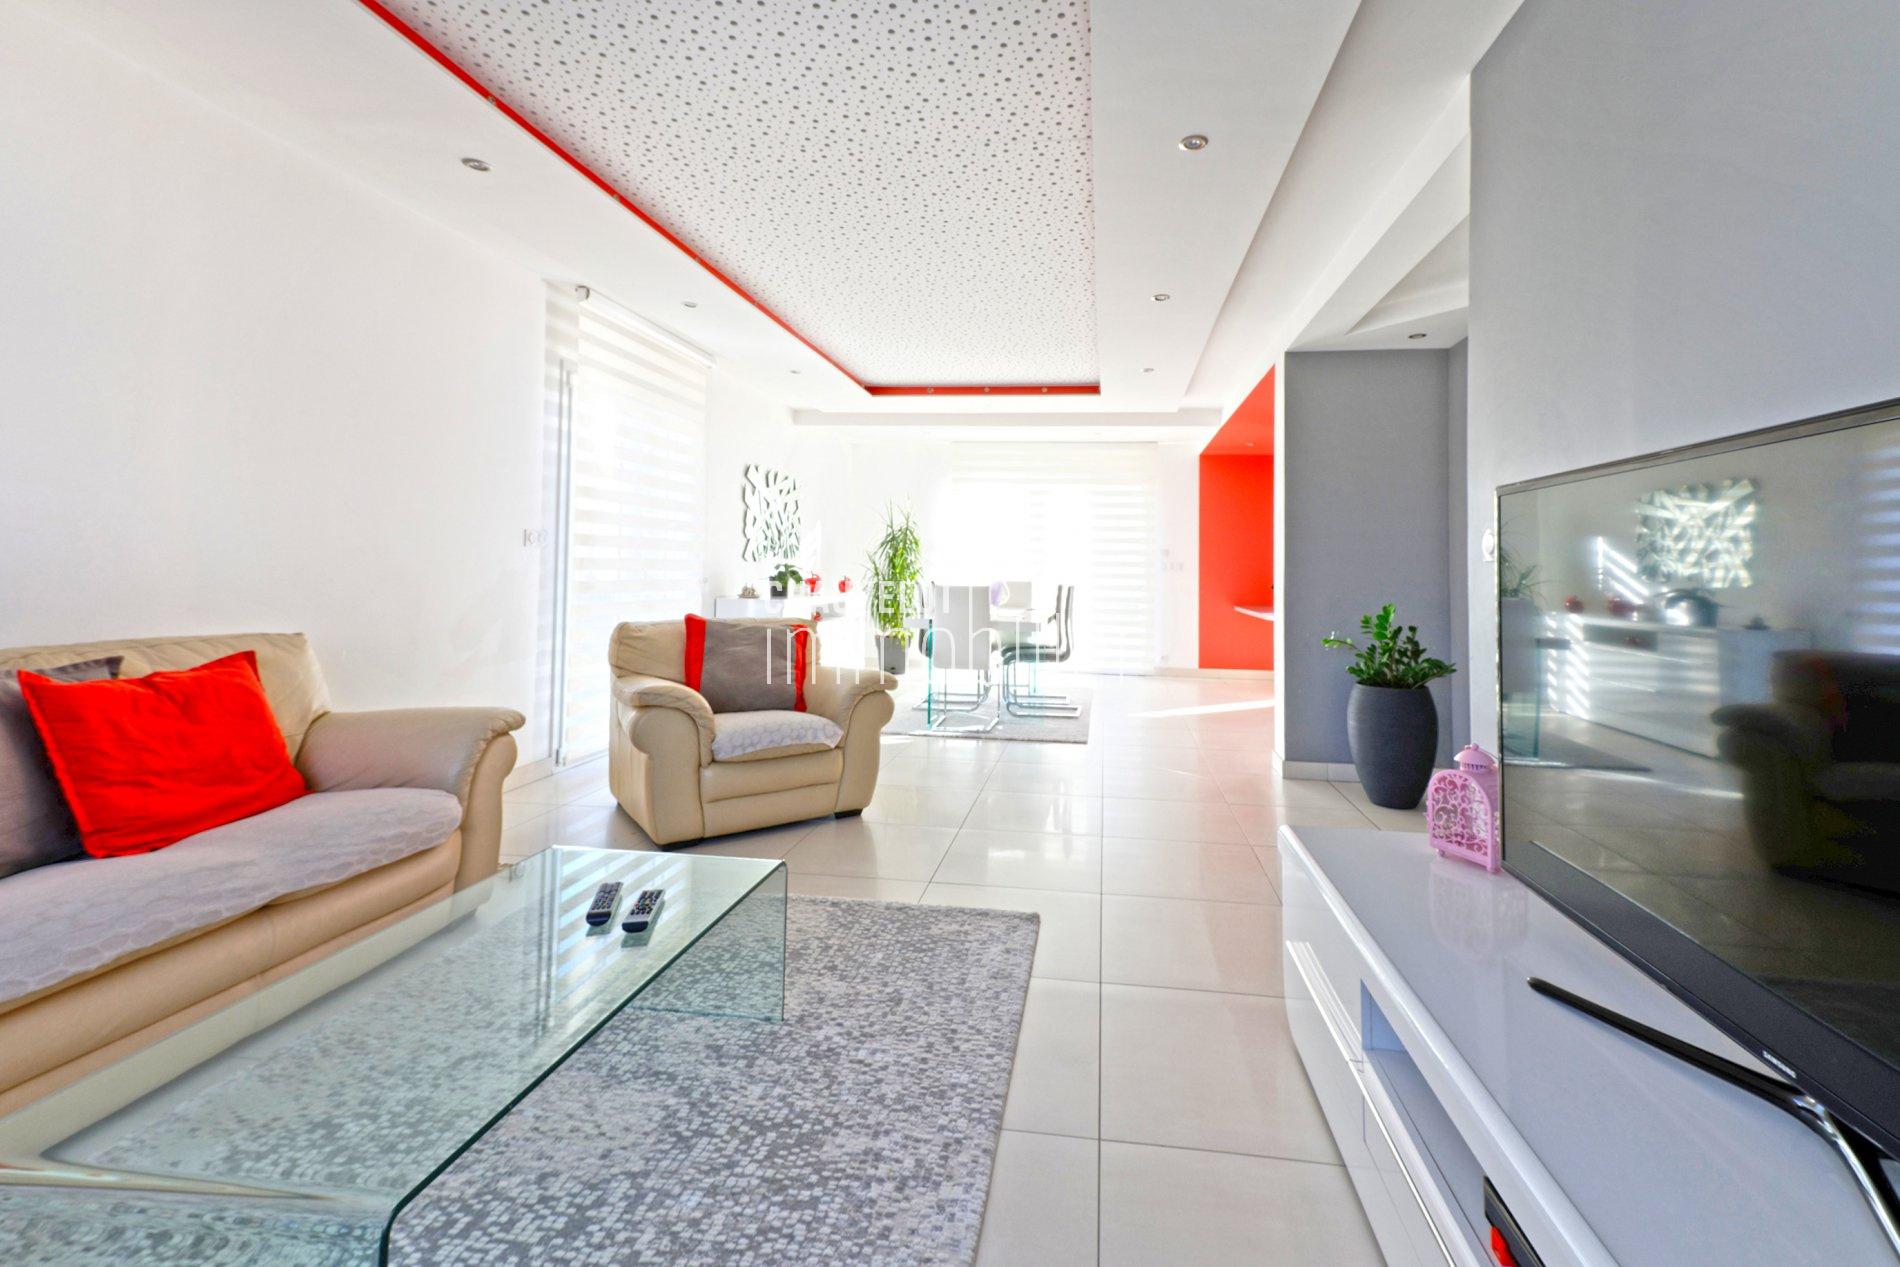 d tails de la maison vendre am1031j exclusivit immobili re. Black Bedroom Furniture Sets. Home Design Ideas